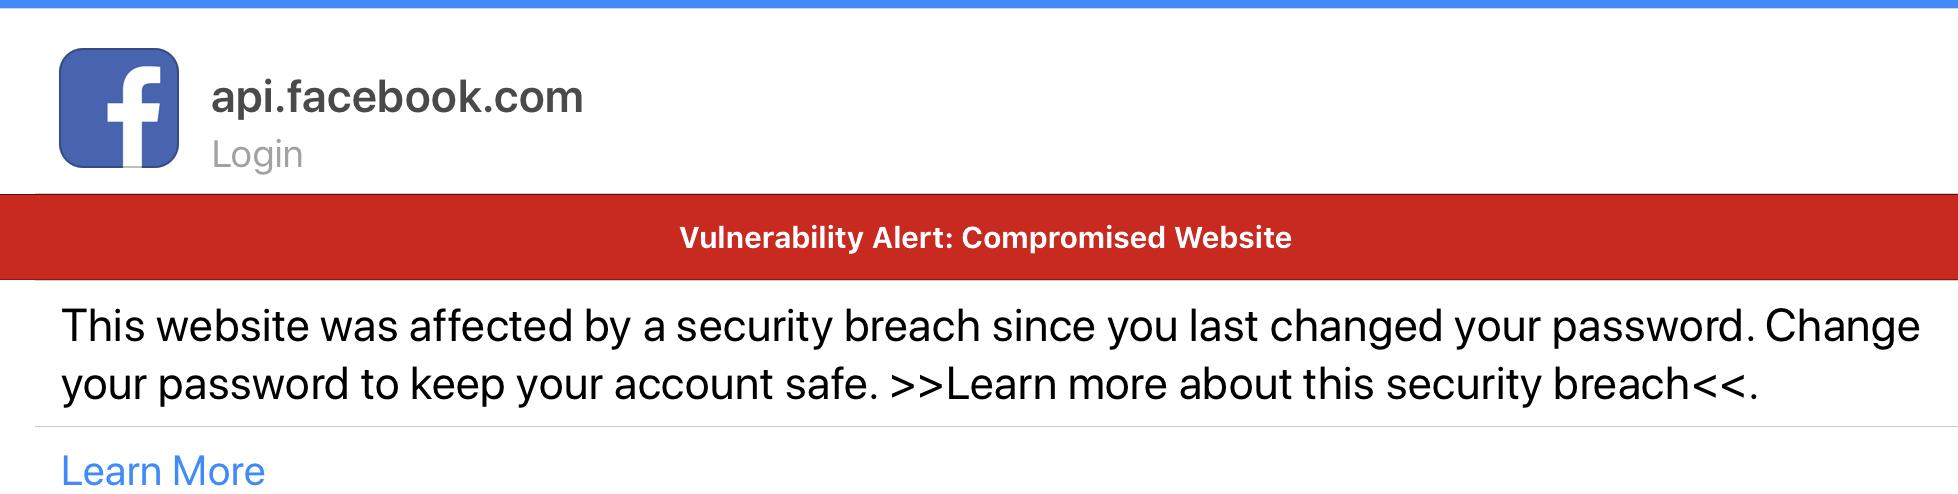 Watchtower Alerts But Info Says No Breach — 1Password Forum